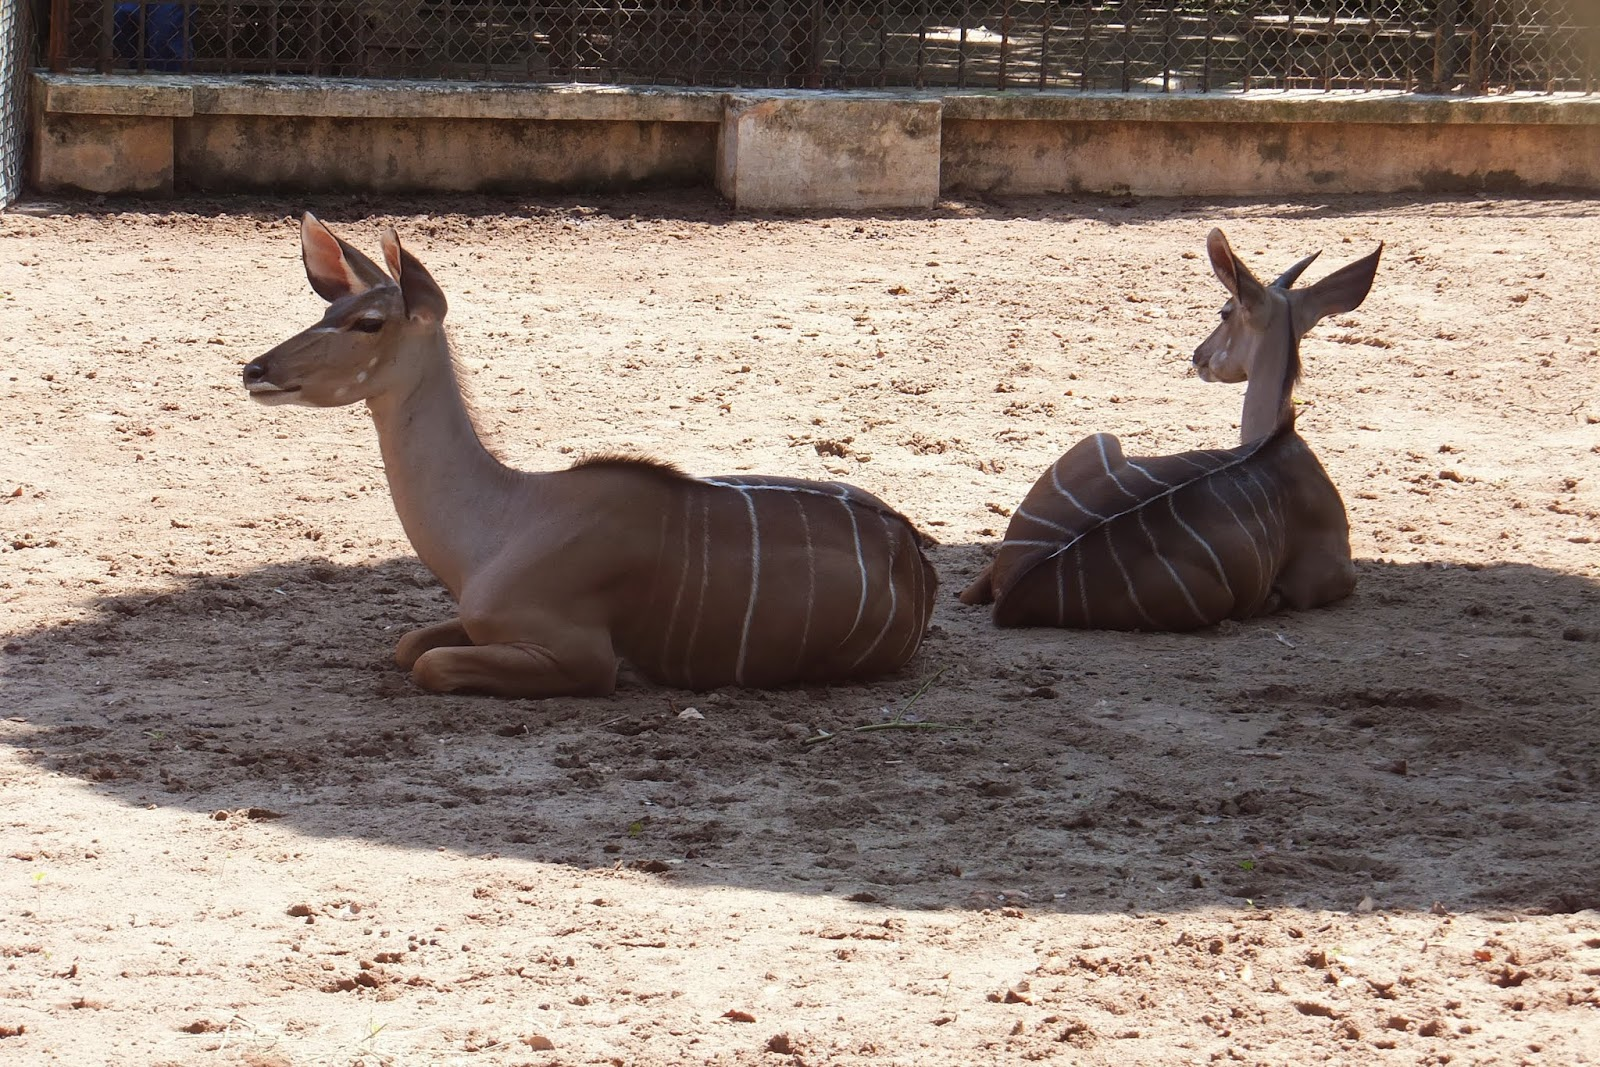 hanoi-zoo ハノイ動物園謎の動物